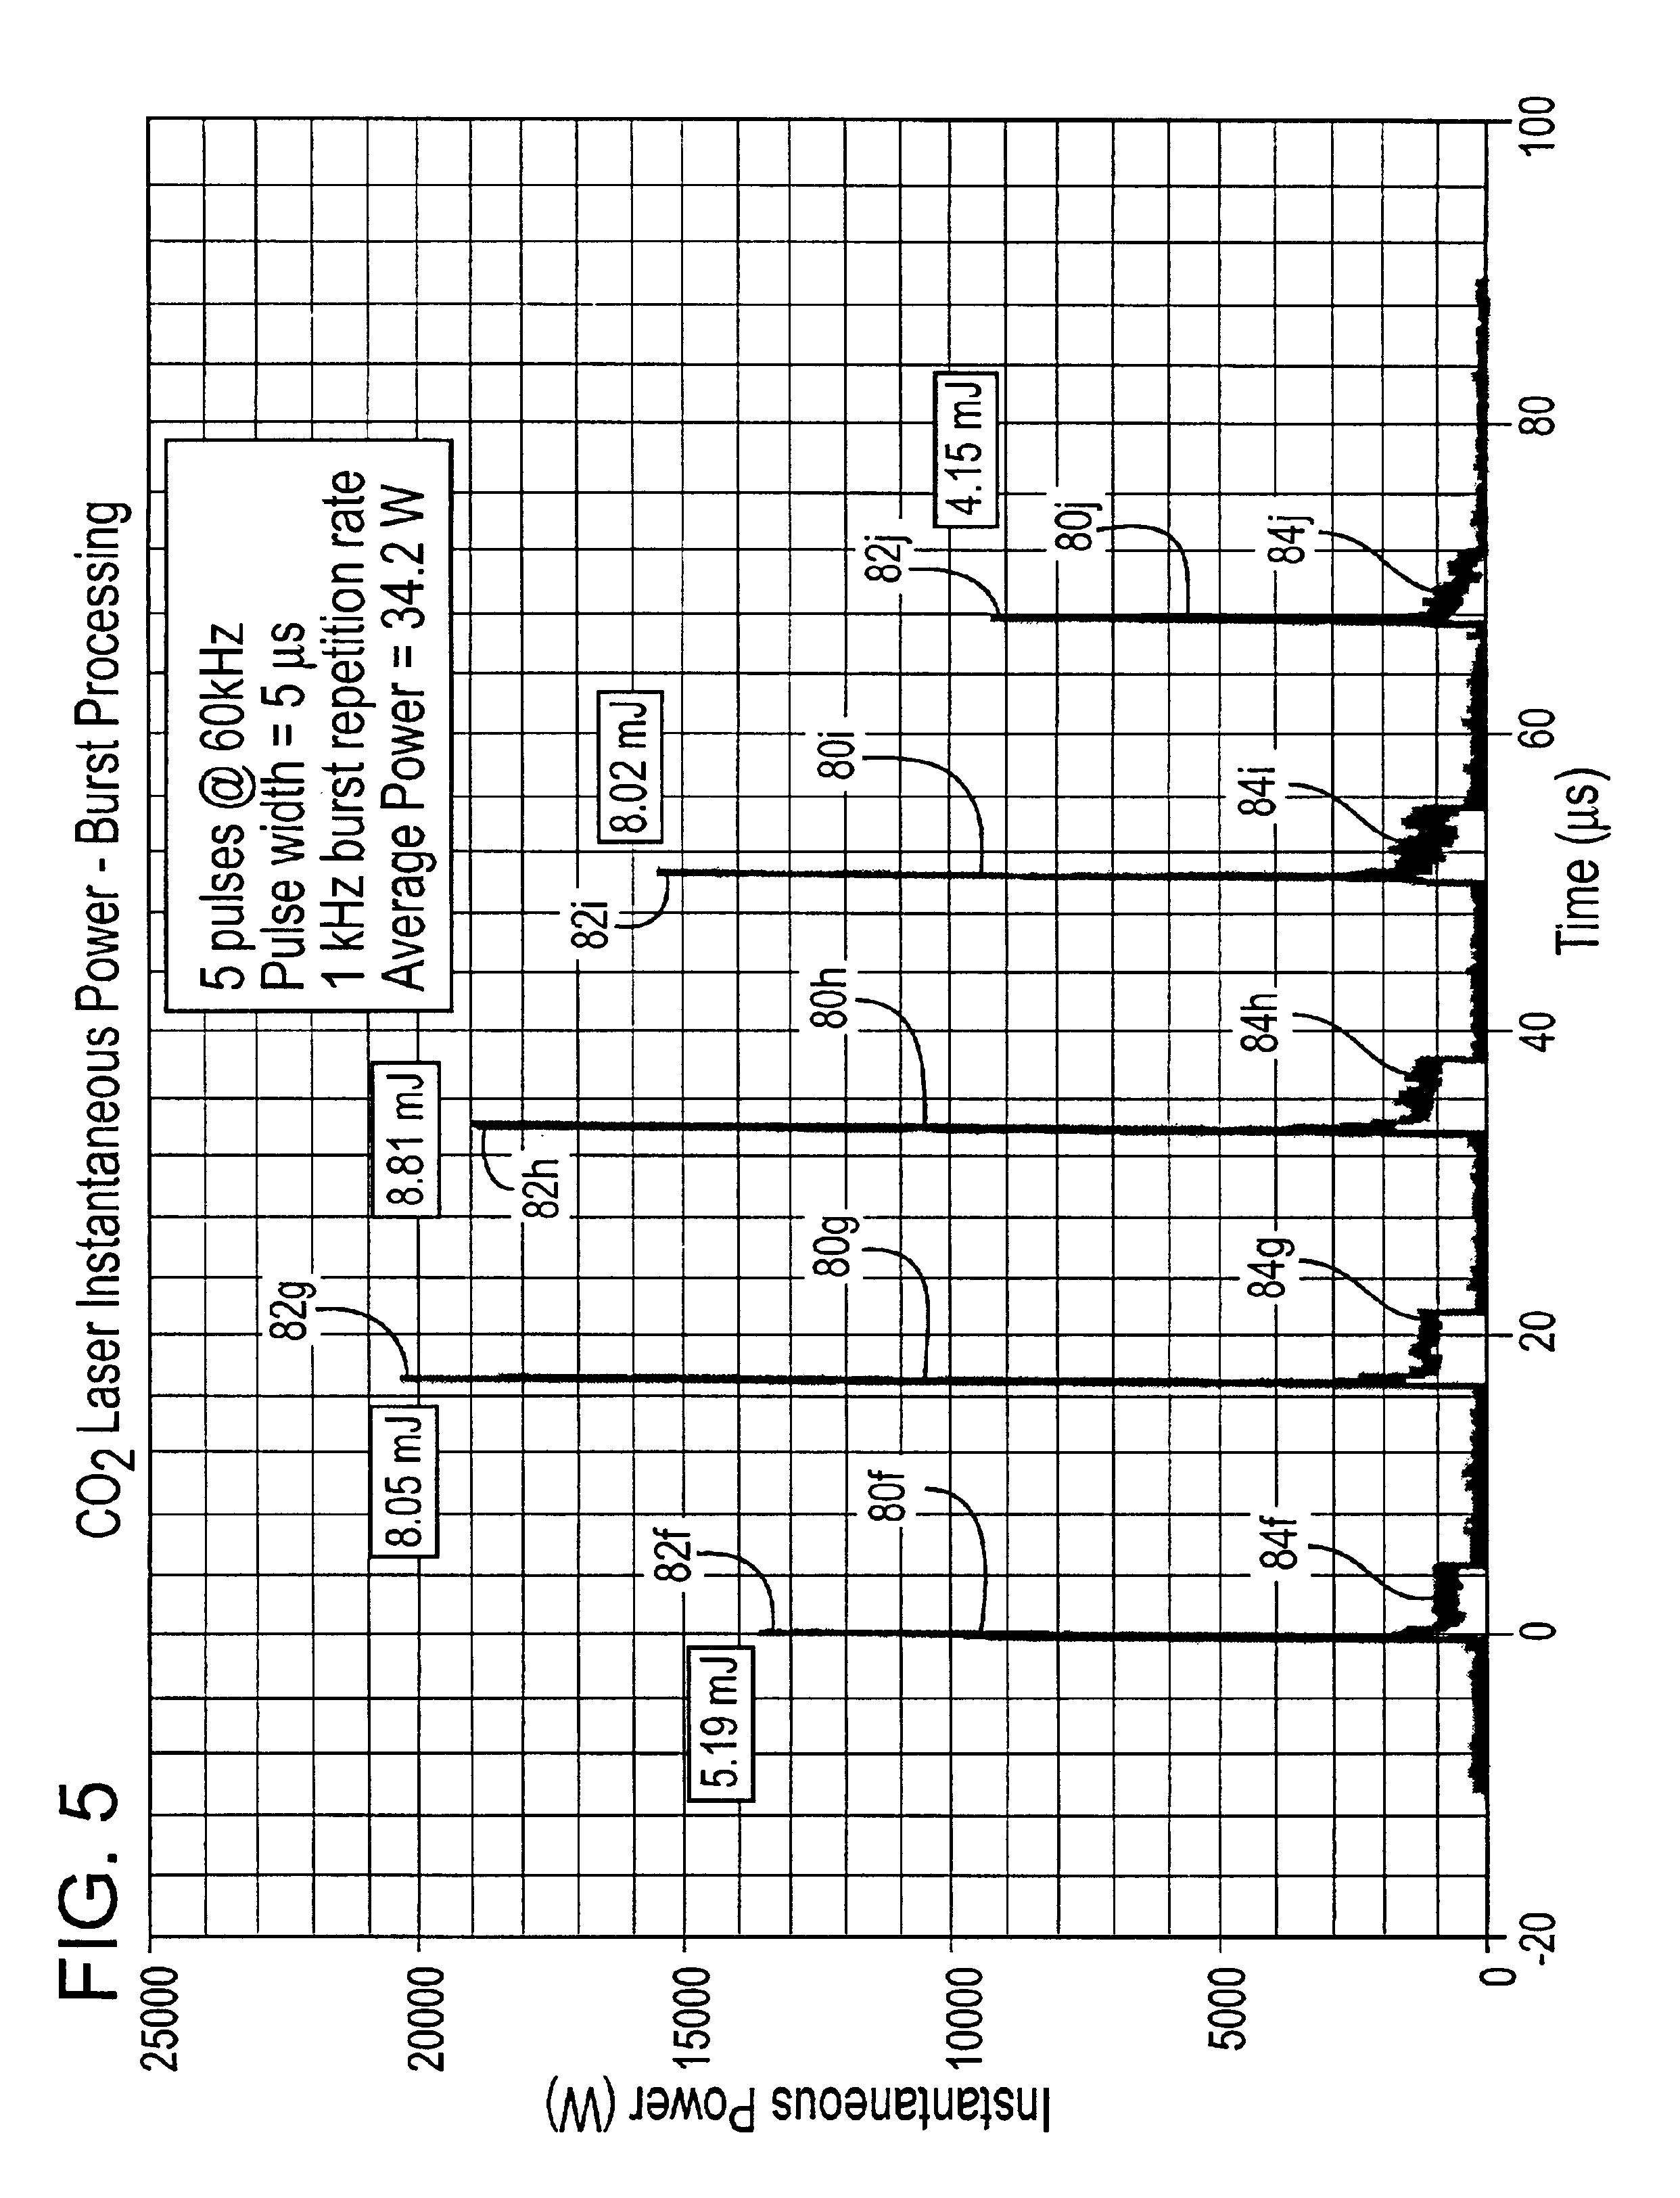 brevetto us6784399